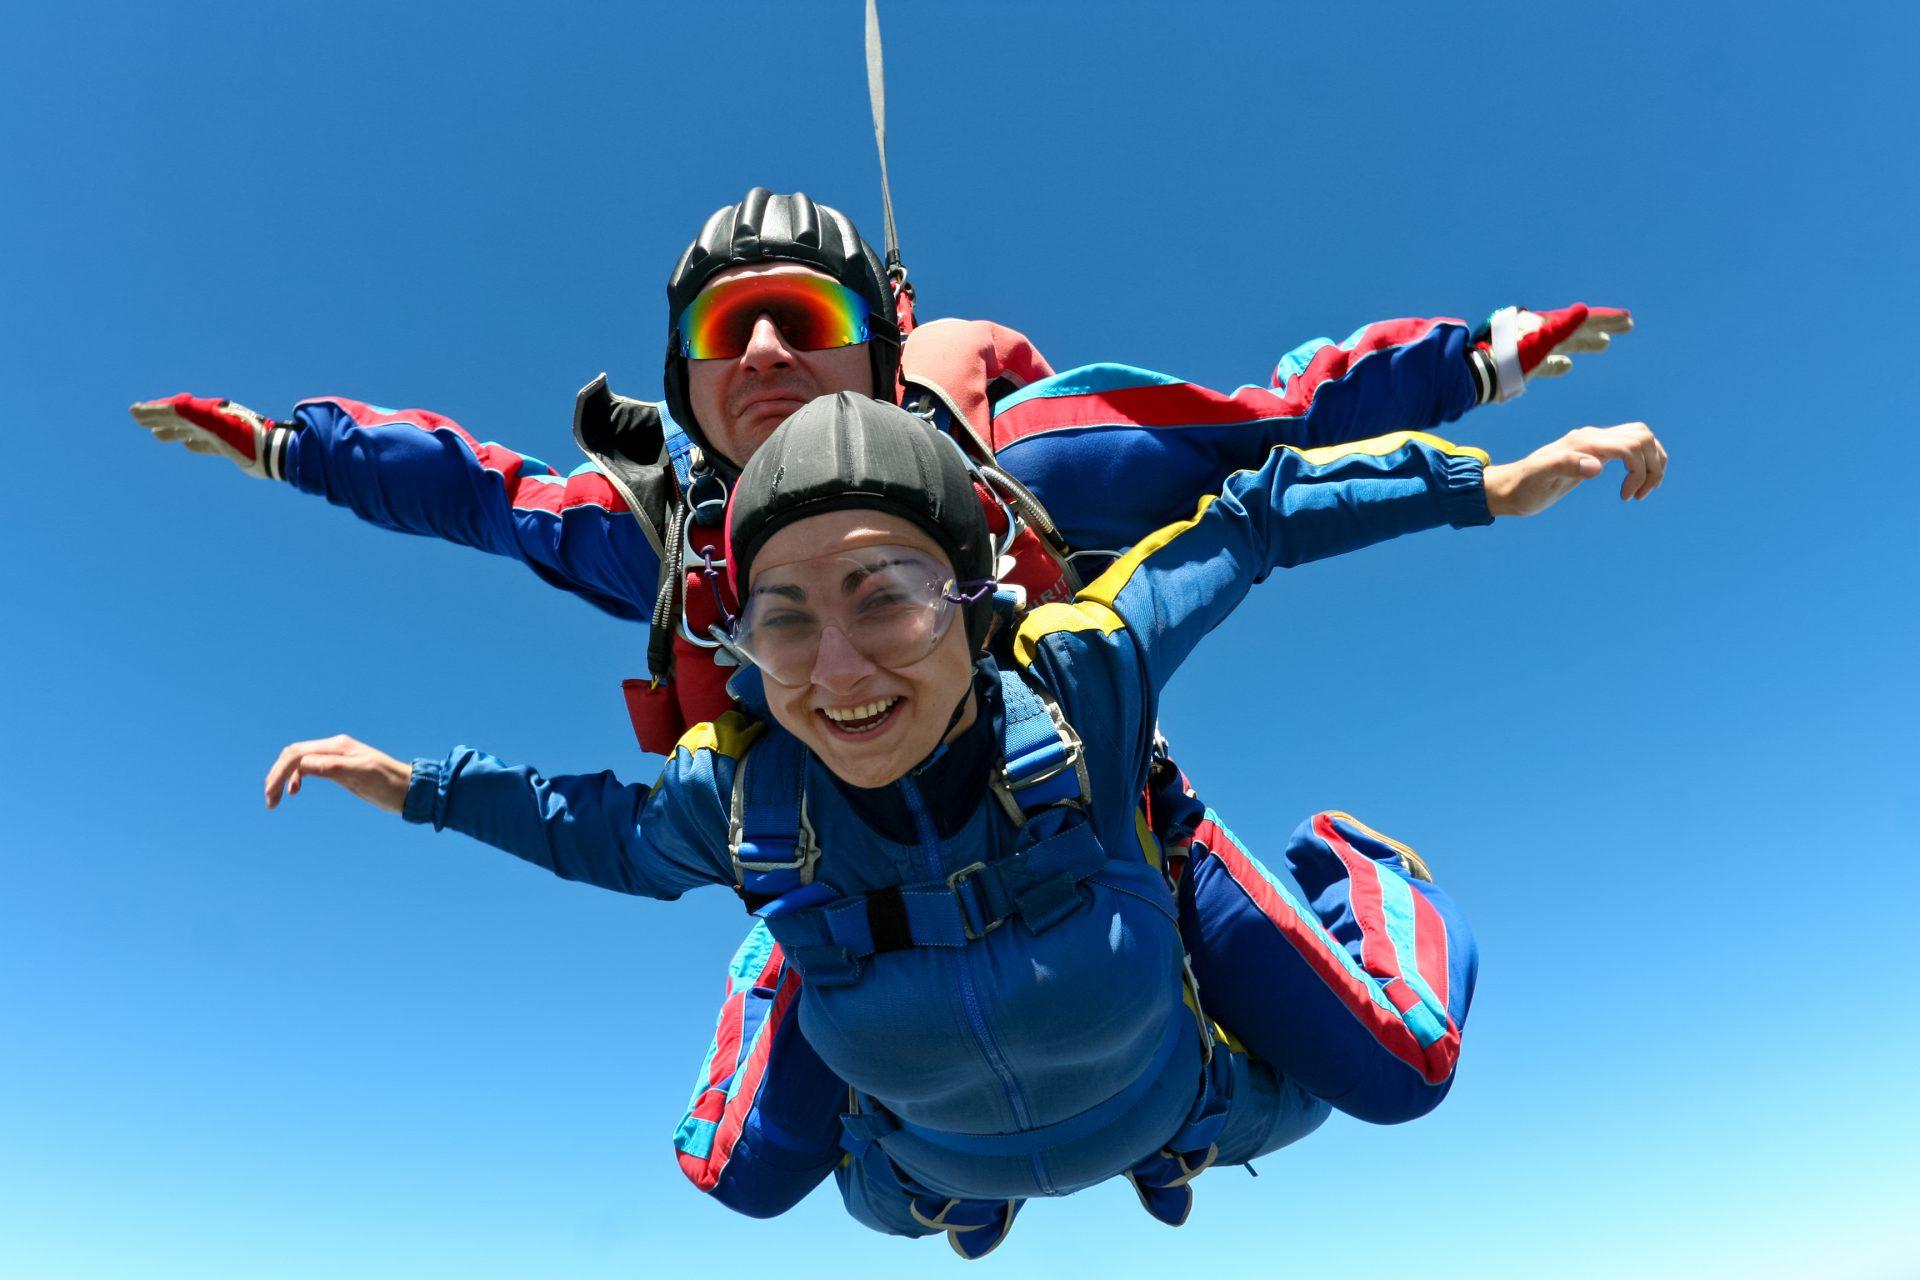 saut en parachute 14 juillet 2018